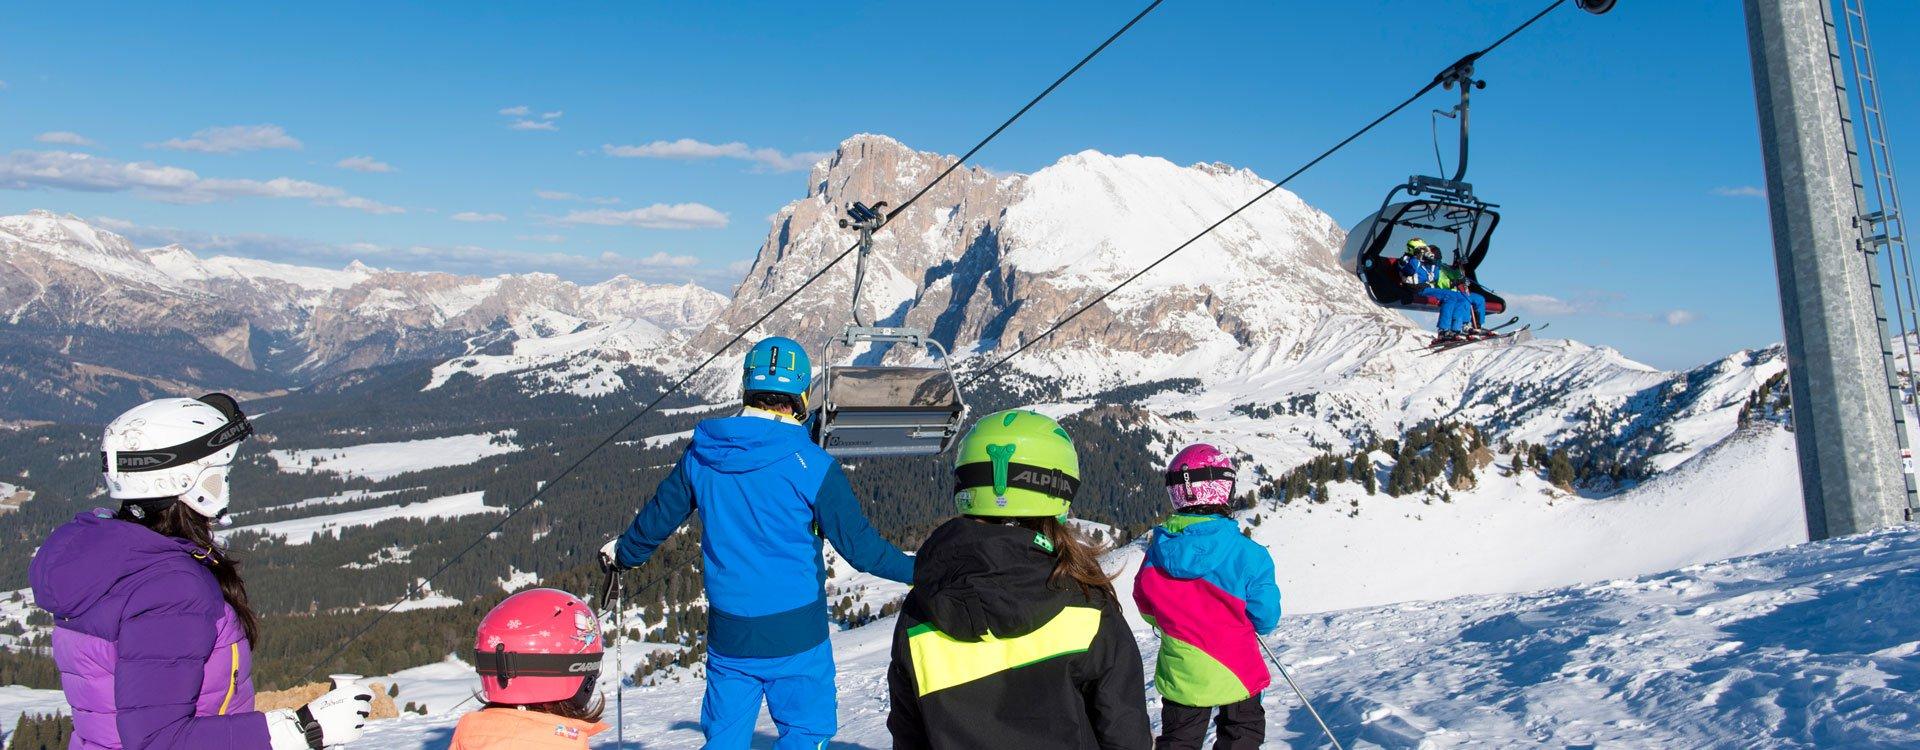 skiurlaub-seiser-alm-02